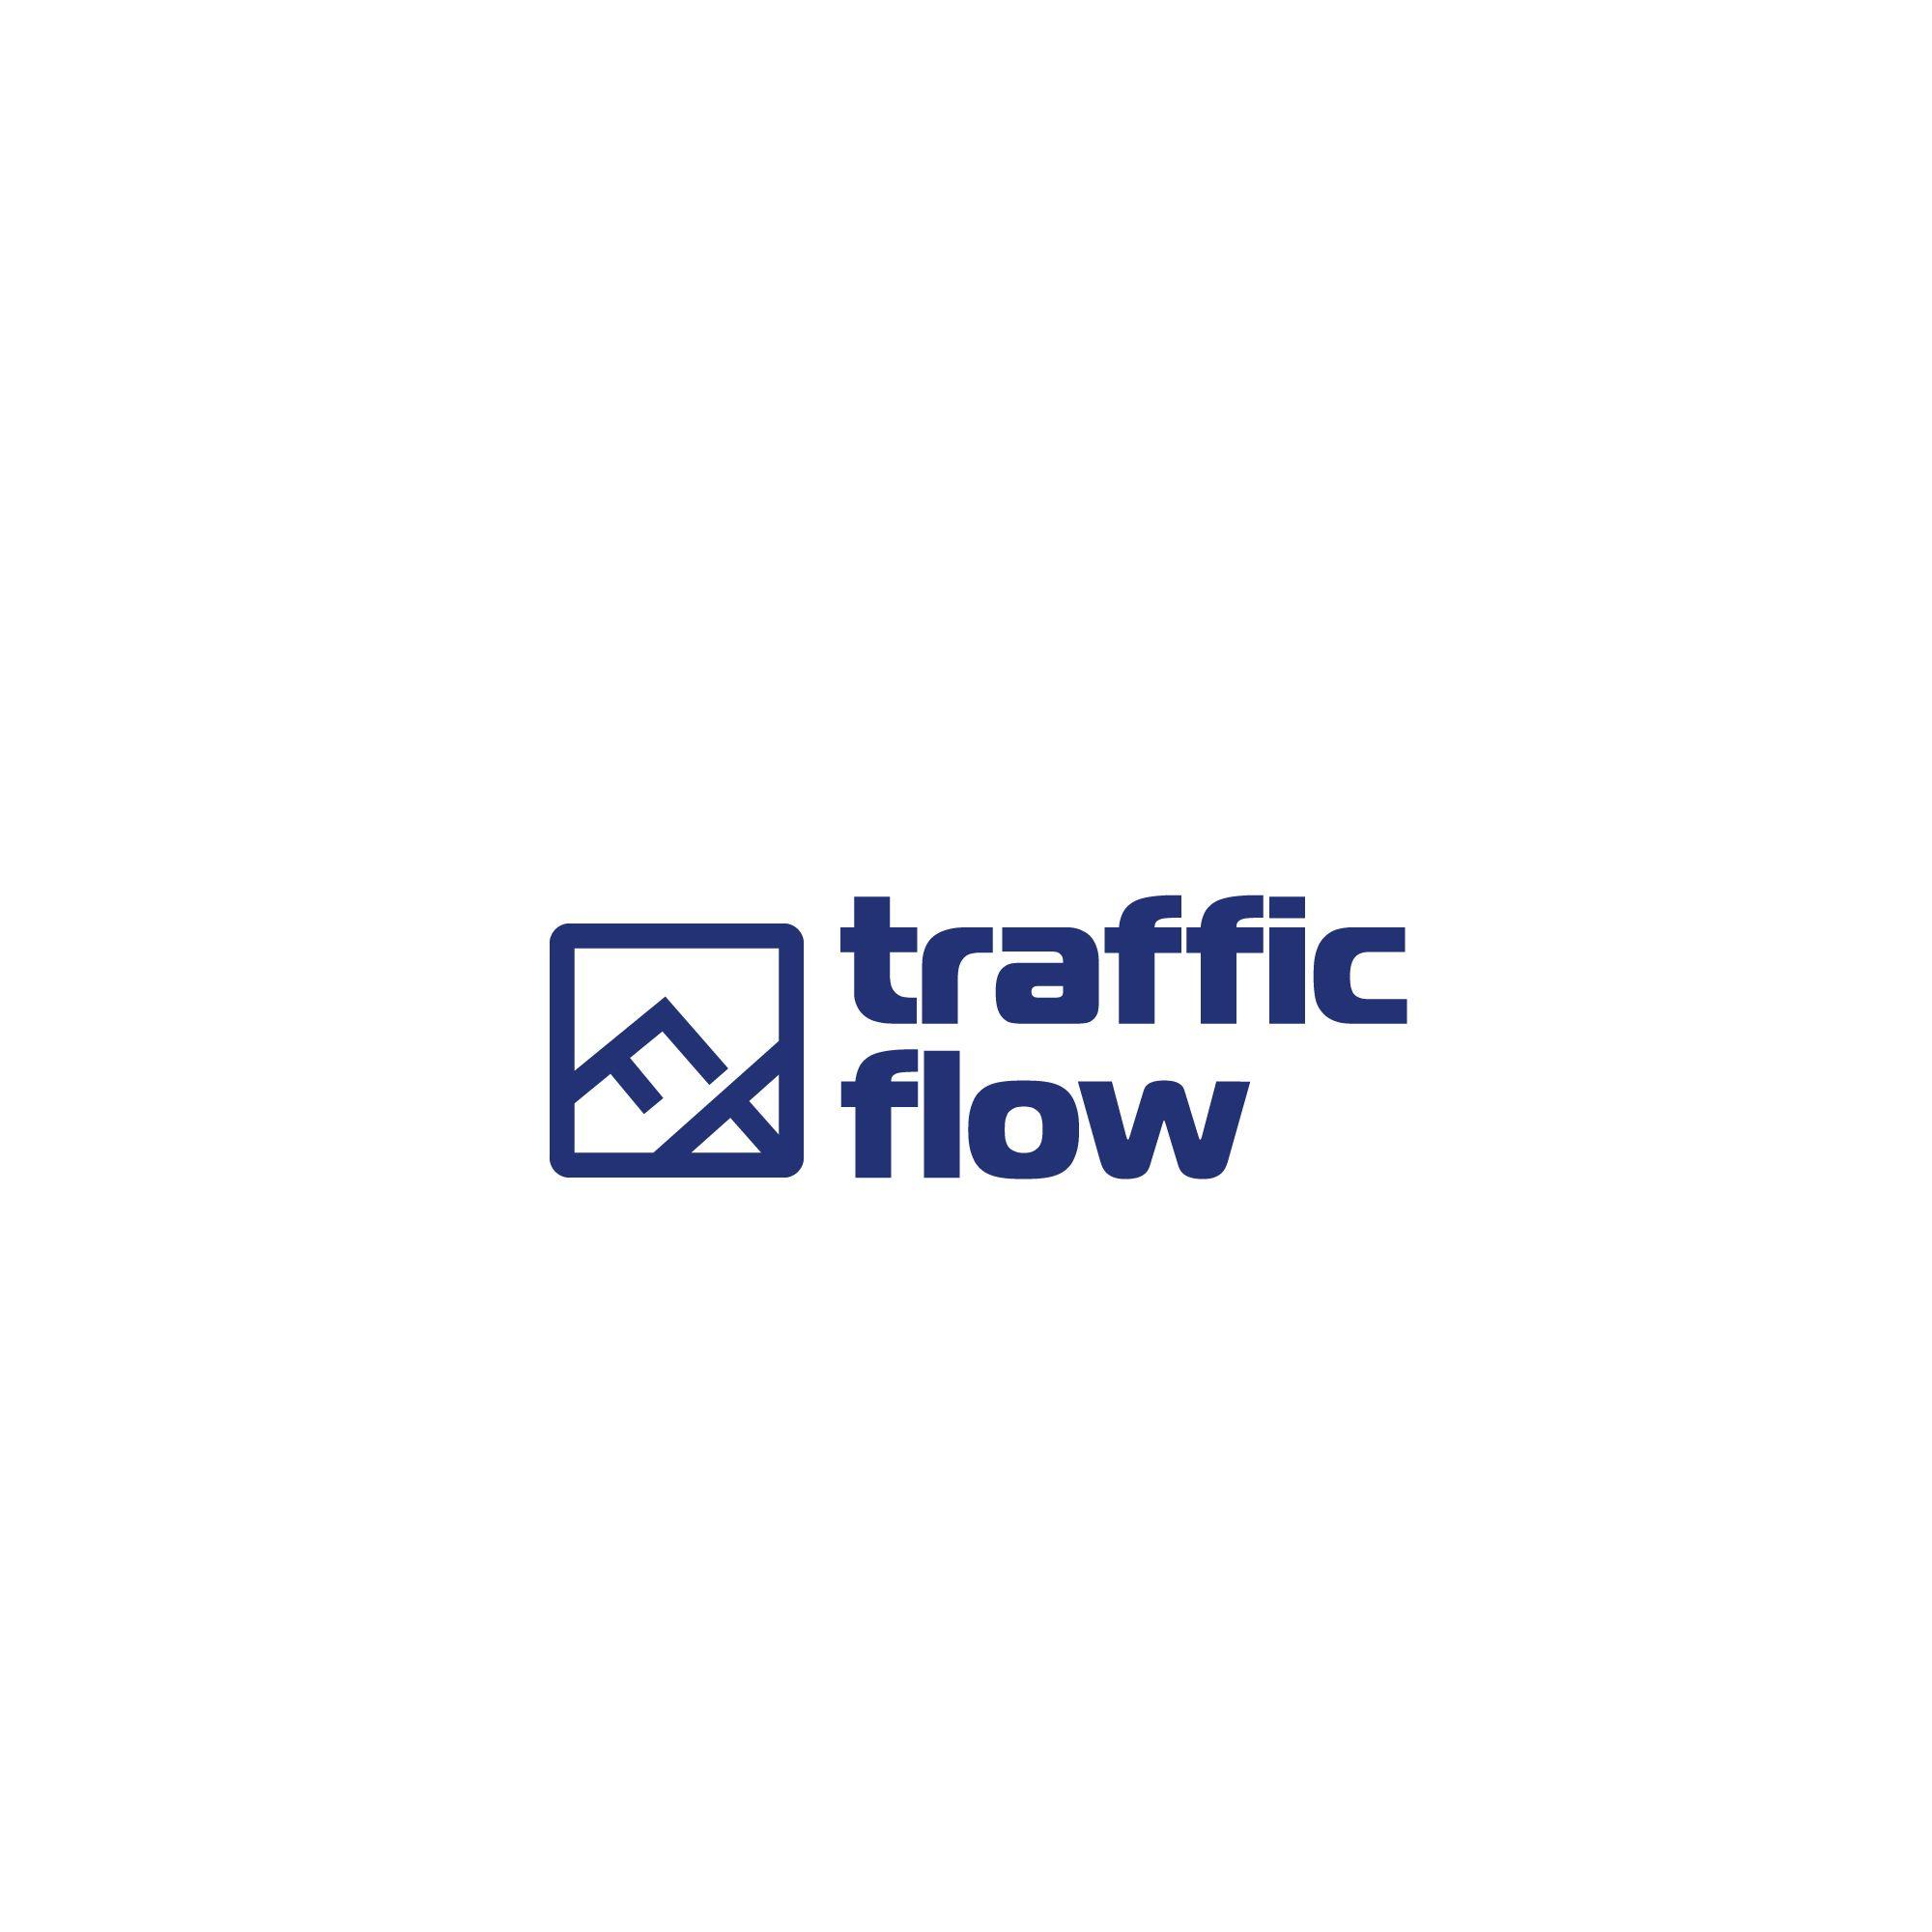 Лого и фирменный стиль для Traffic Flow - дизайнер SmolinDenis